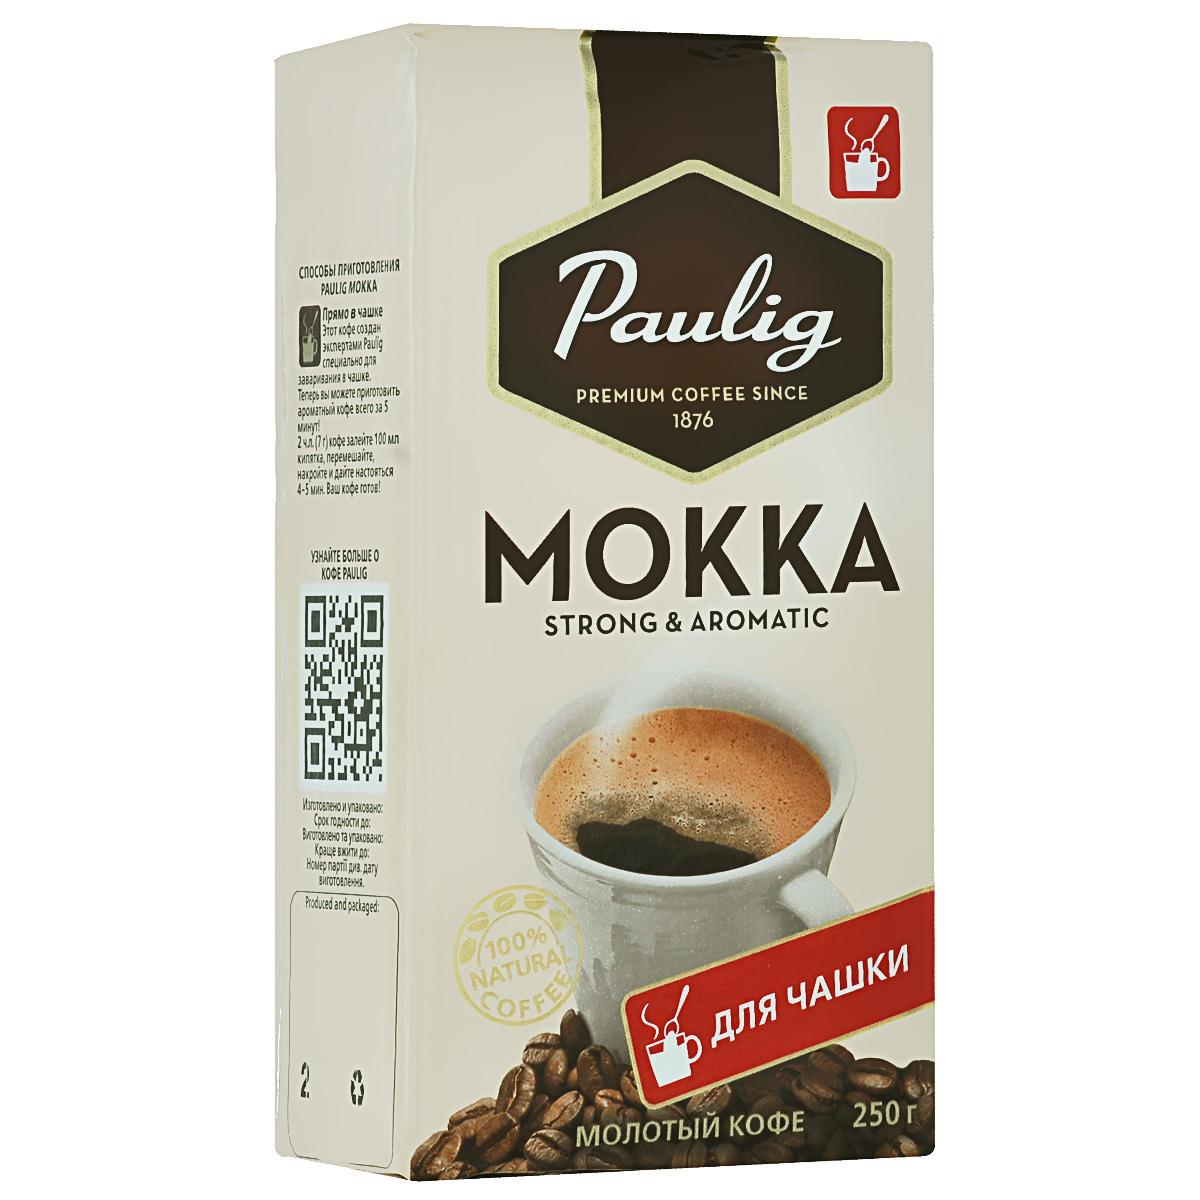 Paulig Mokka кофе молотый для заваривания в чашке, 250 г01850Крепкий и ароматный кофе, разработанный с учетом предпочтений российского потребителя. Крепкий кофе на каждый день, с выраженным бодрящим эффектом.